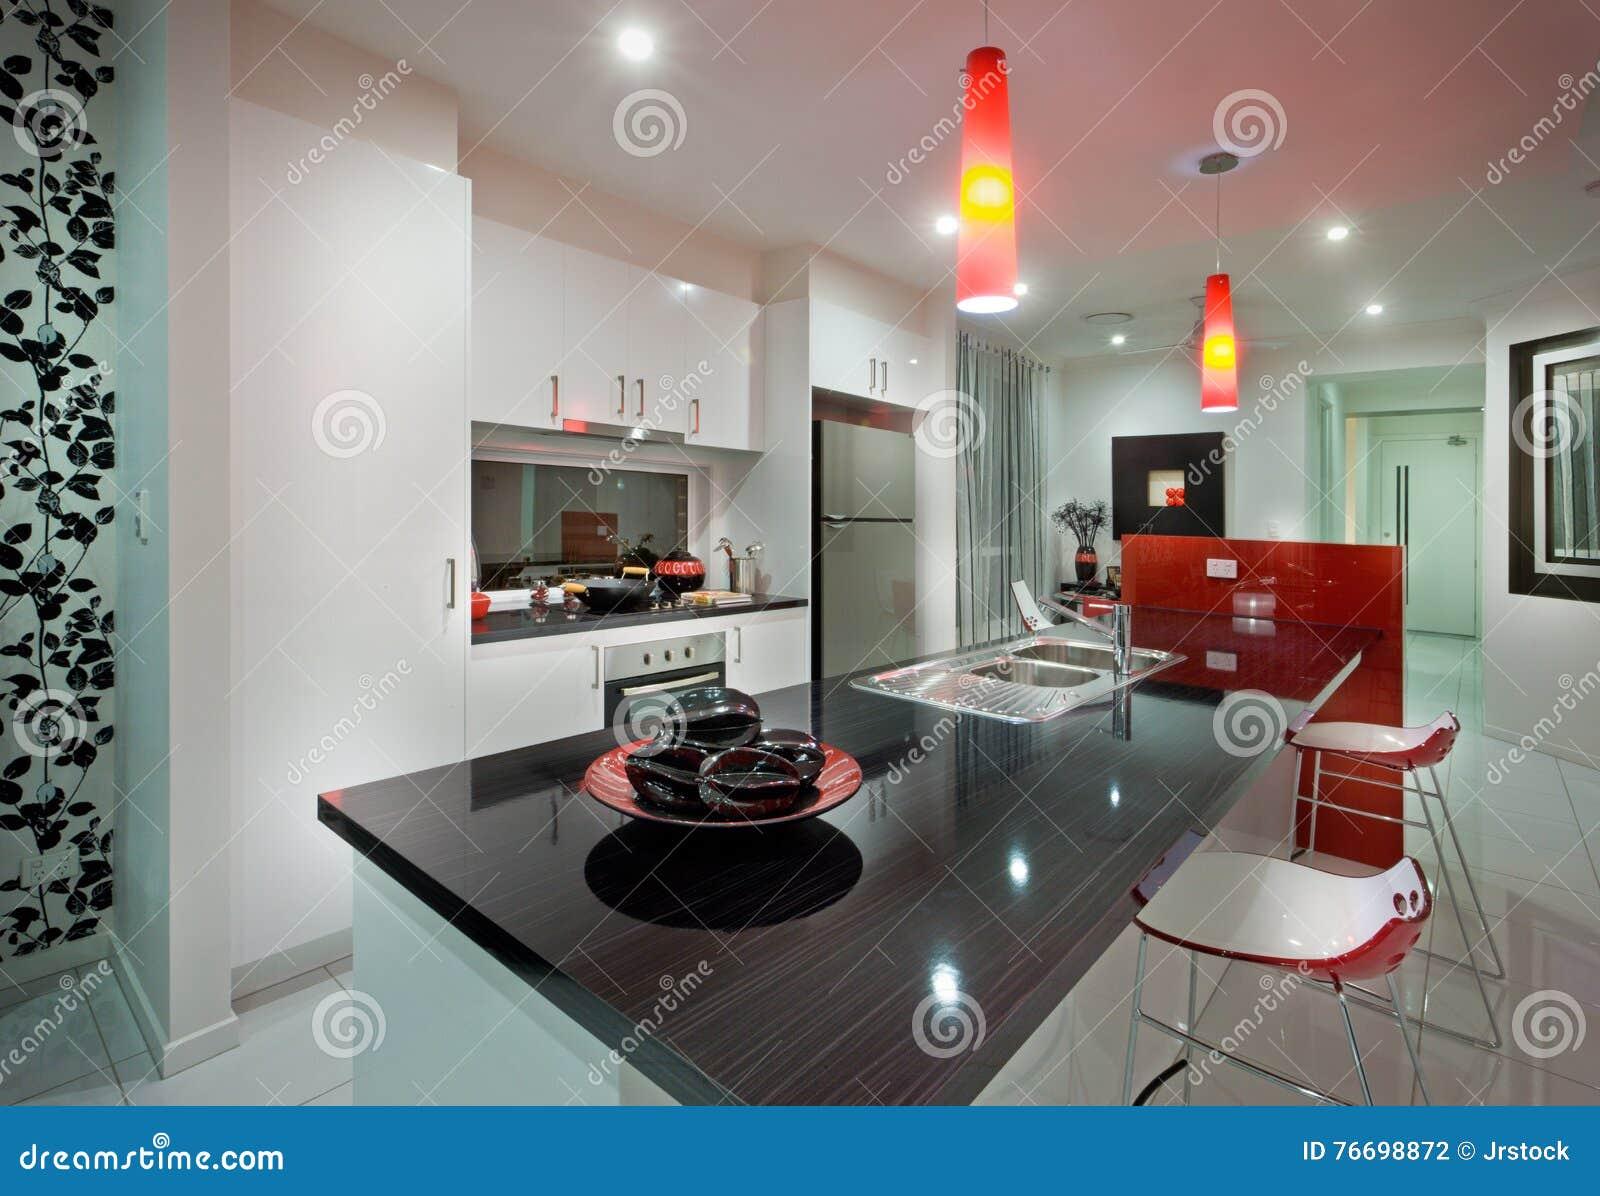 Palazzo Moderno Attraverso La Cucina Con Le Lampade Rosse Fotografia ...